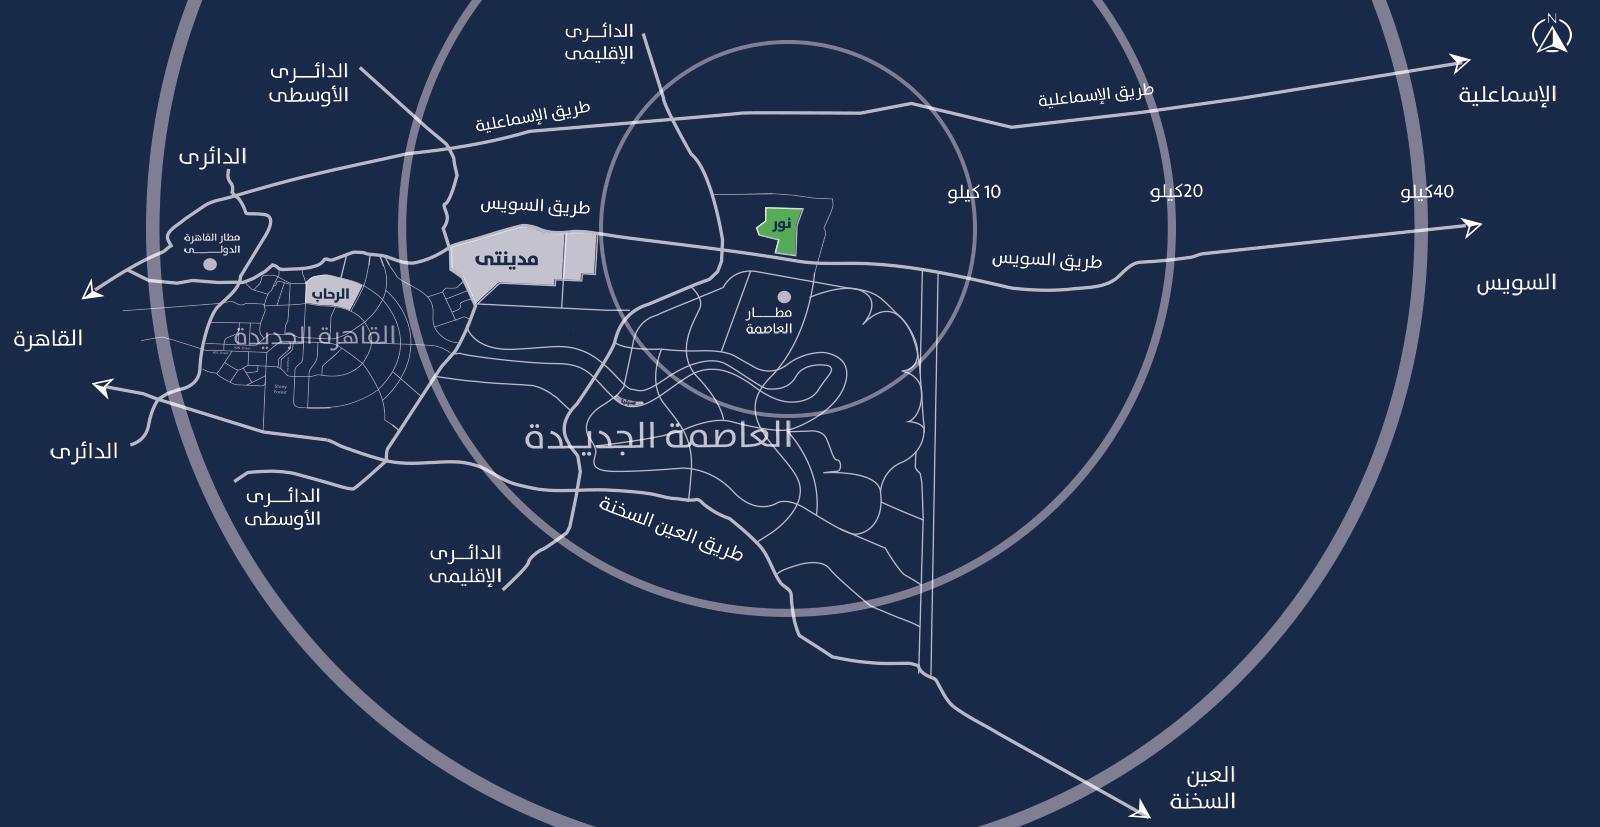 موقع مدينة نور حدائق العاصمة الادارية هشام طلعت مصطفي